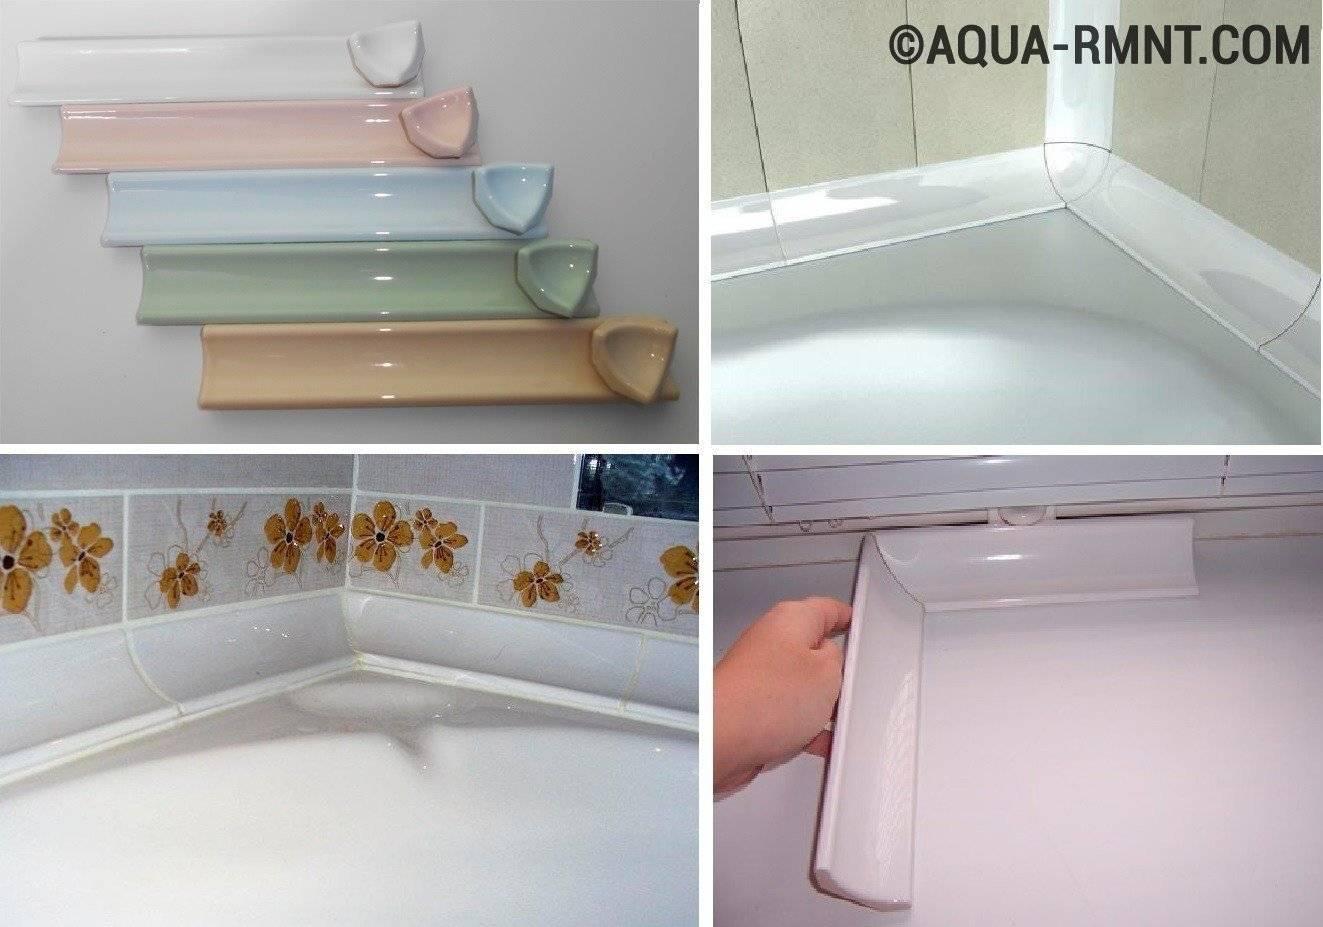 Как приклеить бордюр на ванну: разбираем керамический и пластиковый варианты